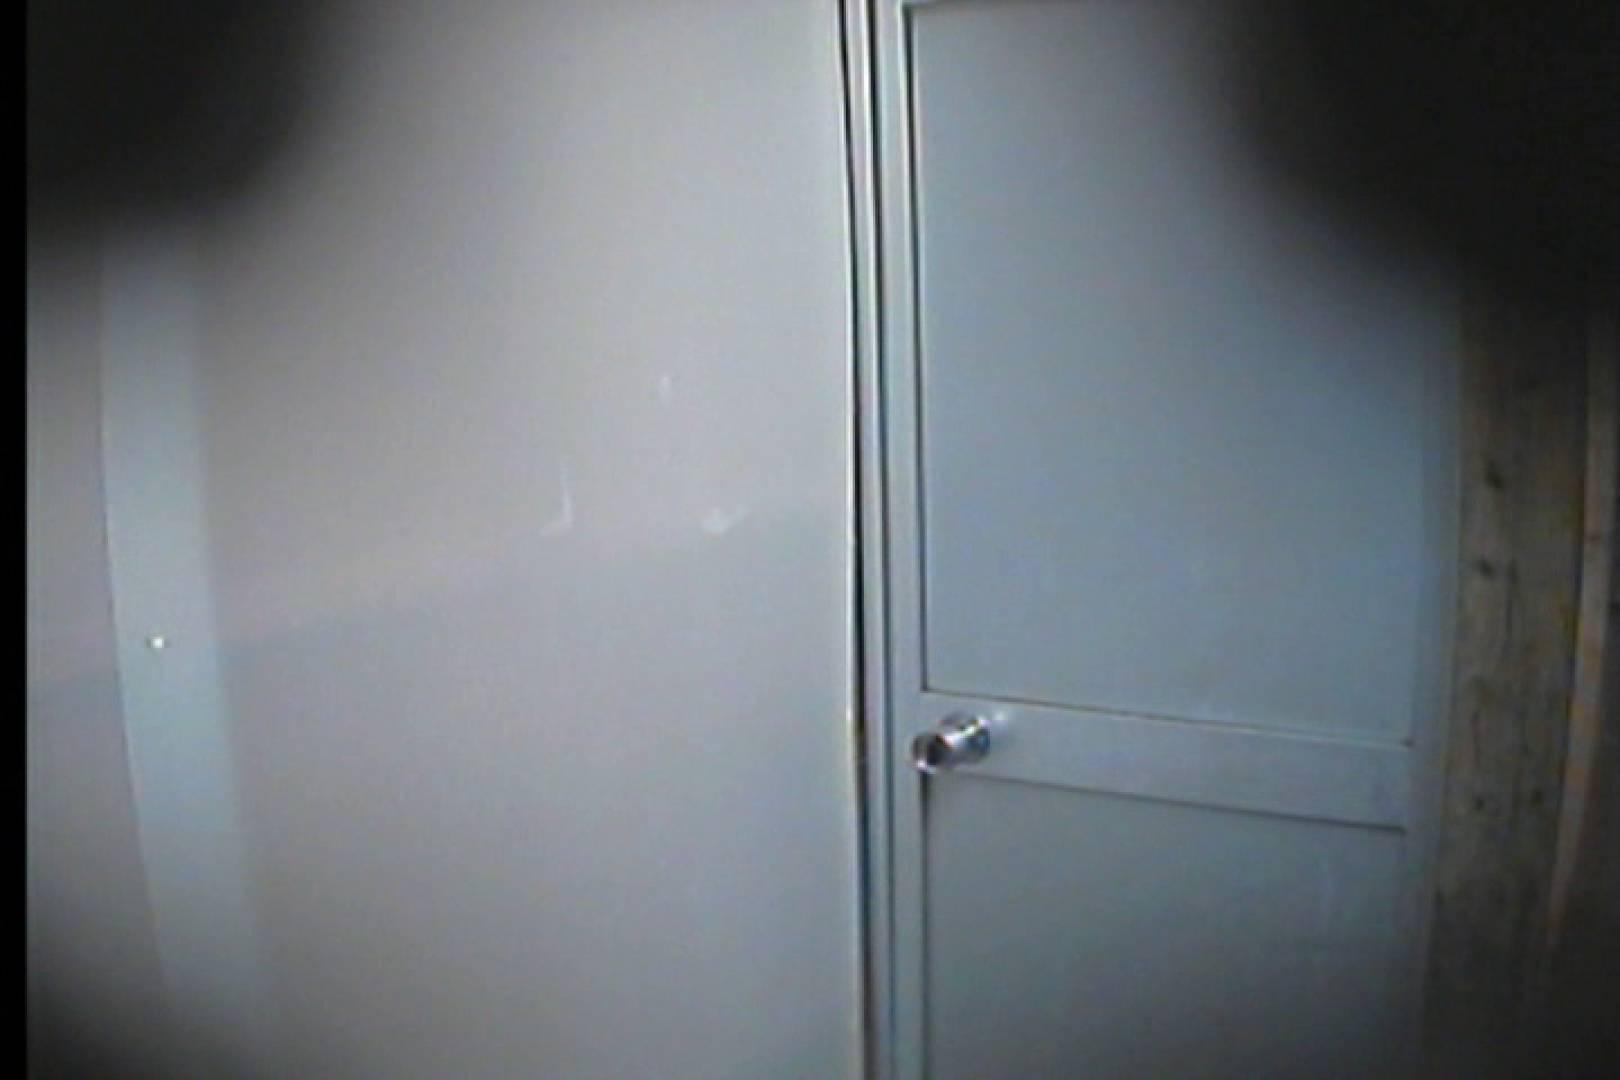 海の家の更衣室 Vol.16 OL   美女達のヌード  23連発 1